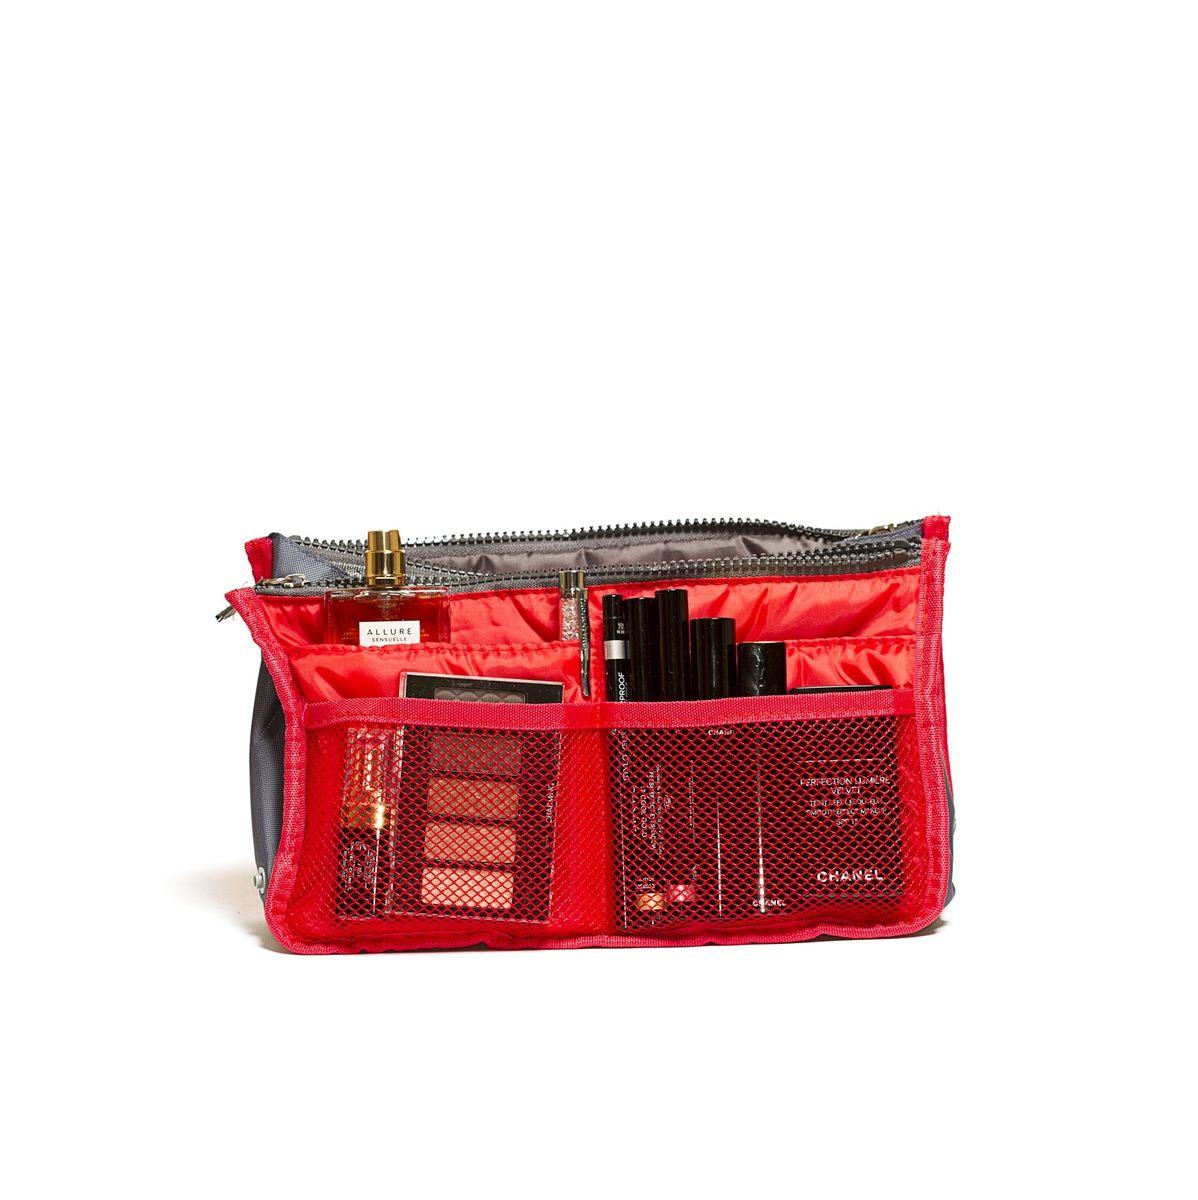 Органайзер для сумки Homsu, цвет: красный, 30 x 8,5 x 18,5 см органайзер homsu цвет бежевый 31 x 24 x 11 см